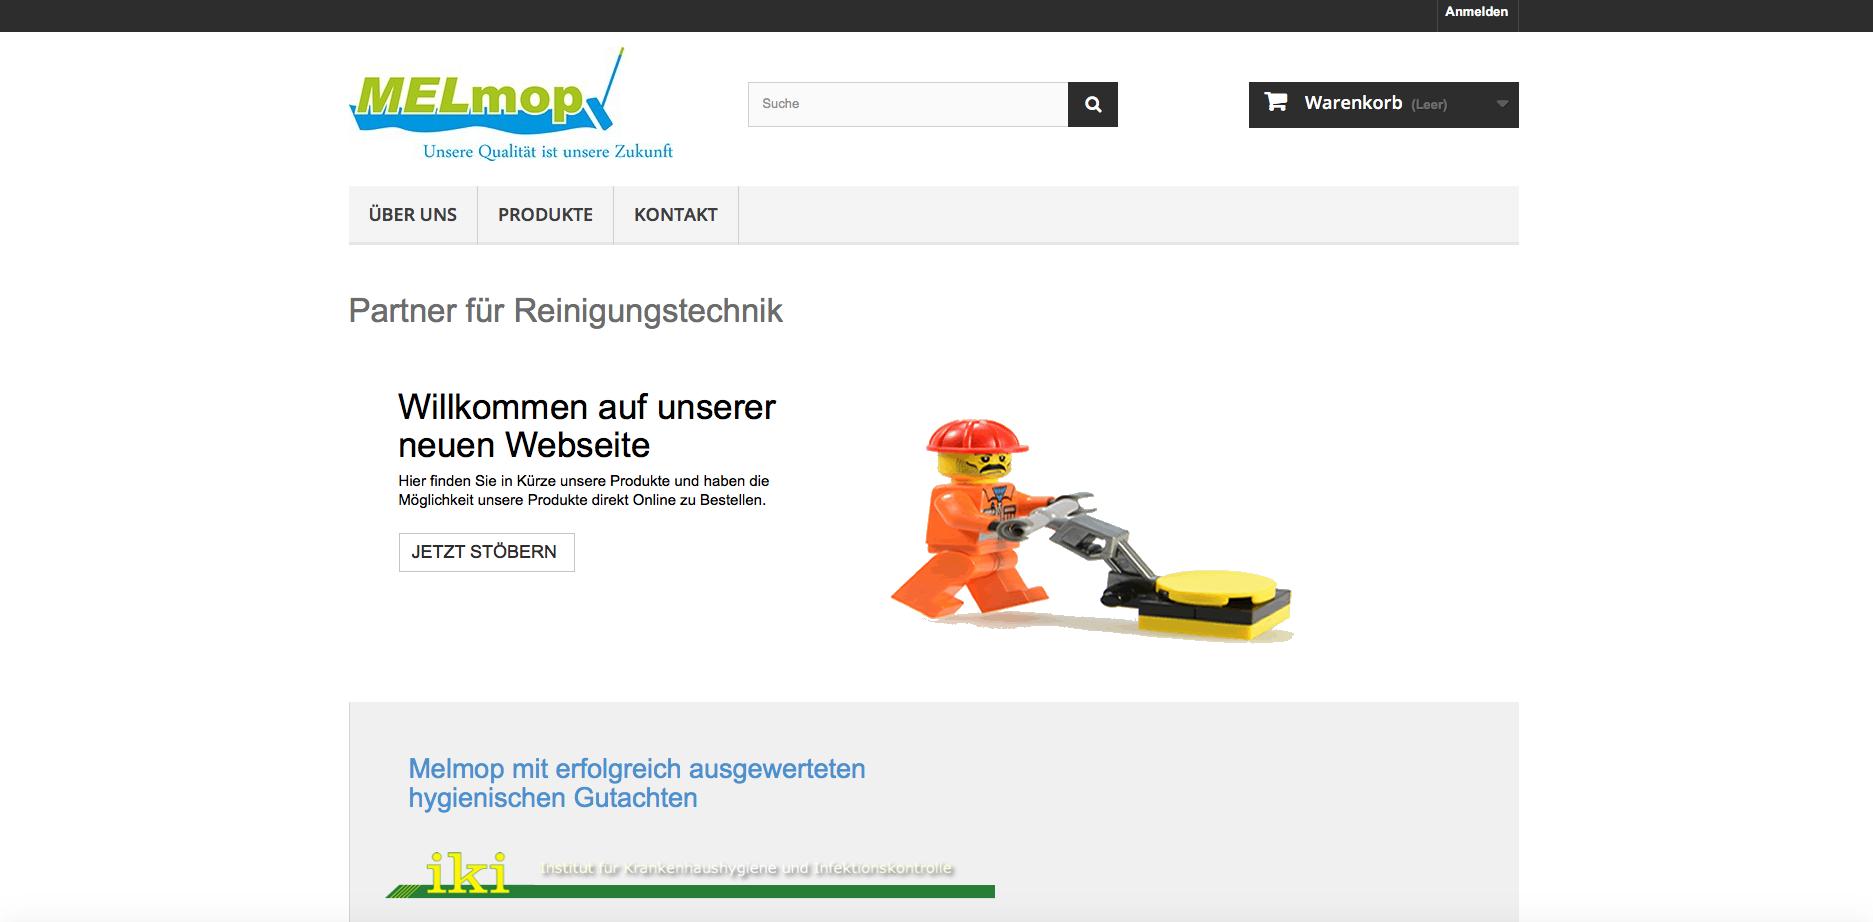 www.melmop.de (Produkte noch nicht online)